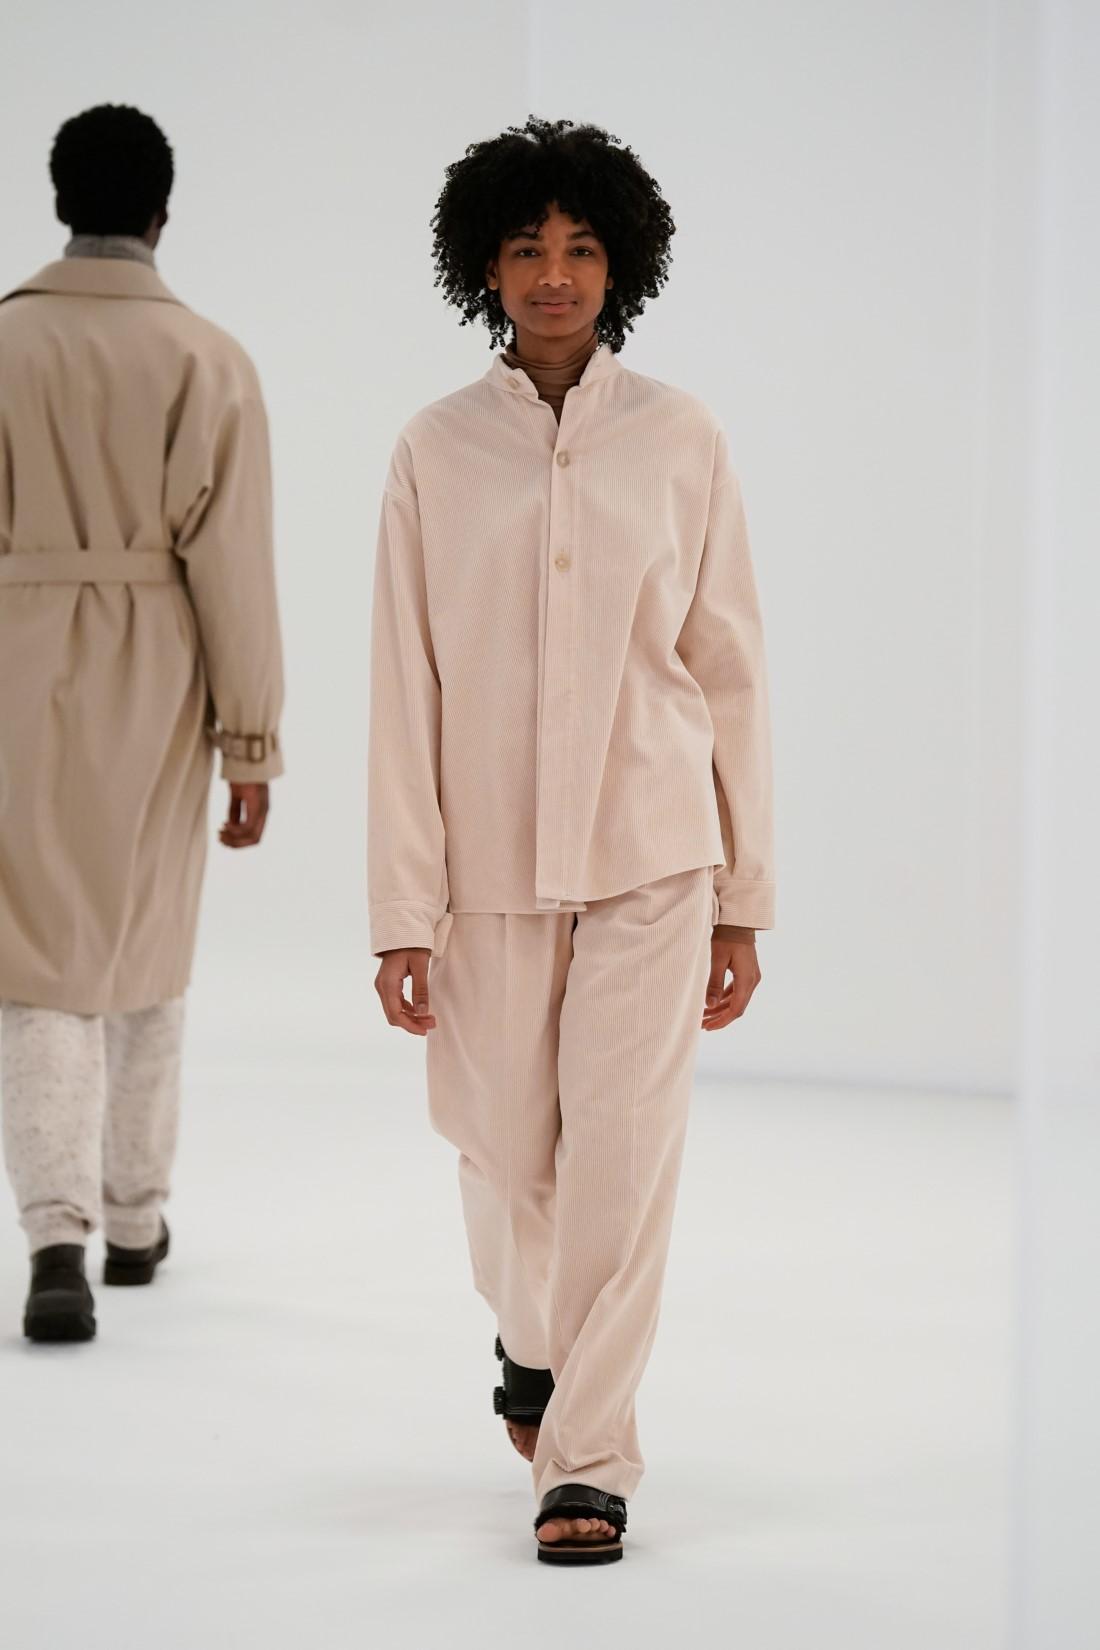 Auralee - Automne - Hiver 2021-2022 - Paris Fashion Week